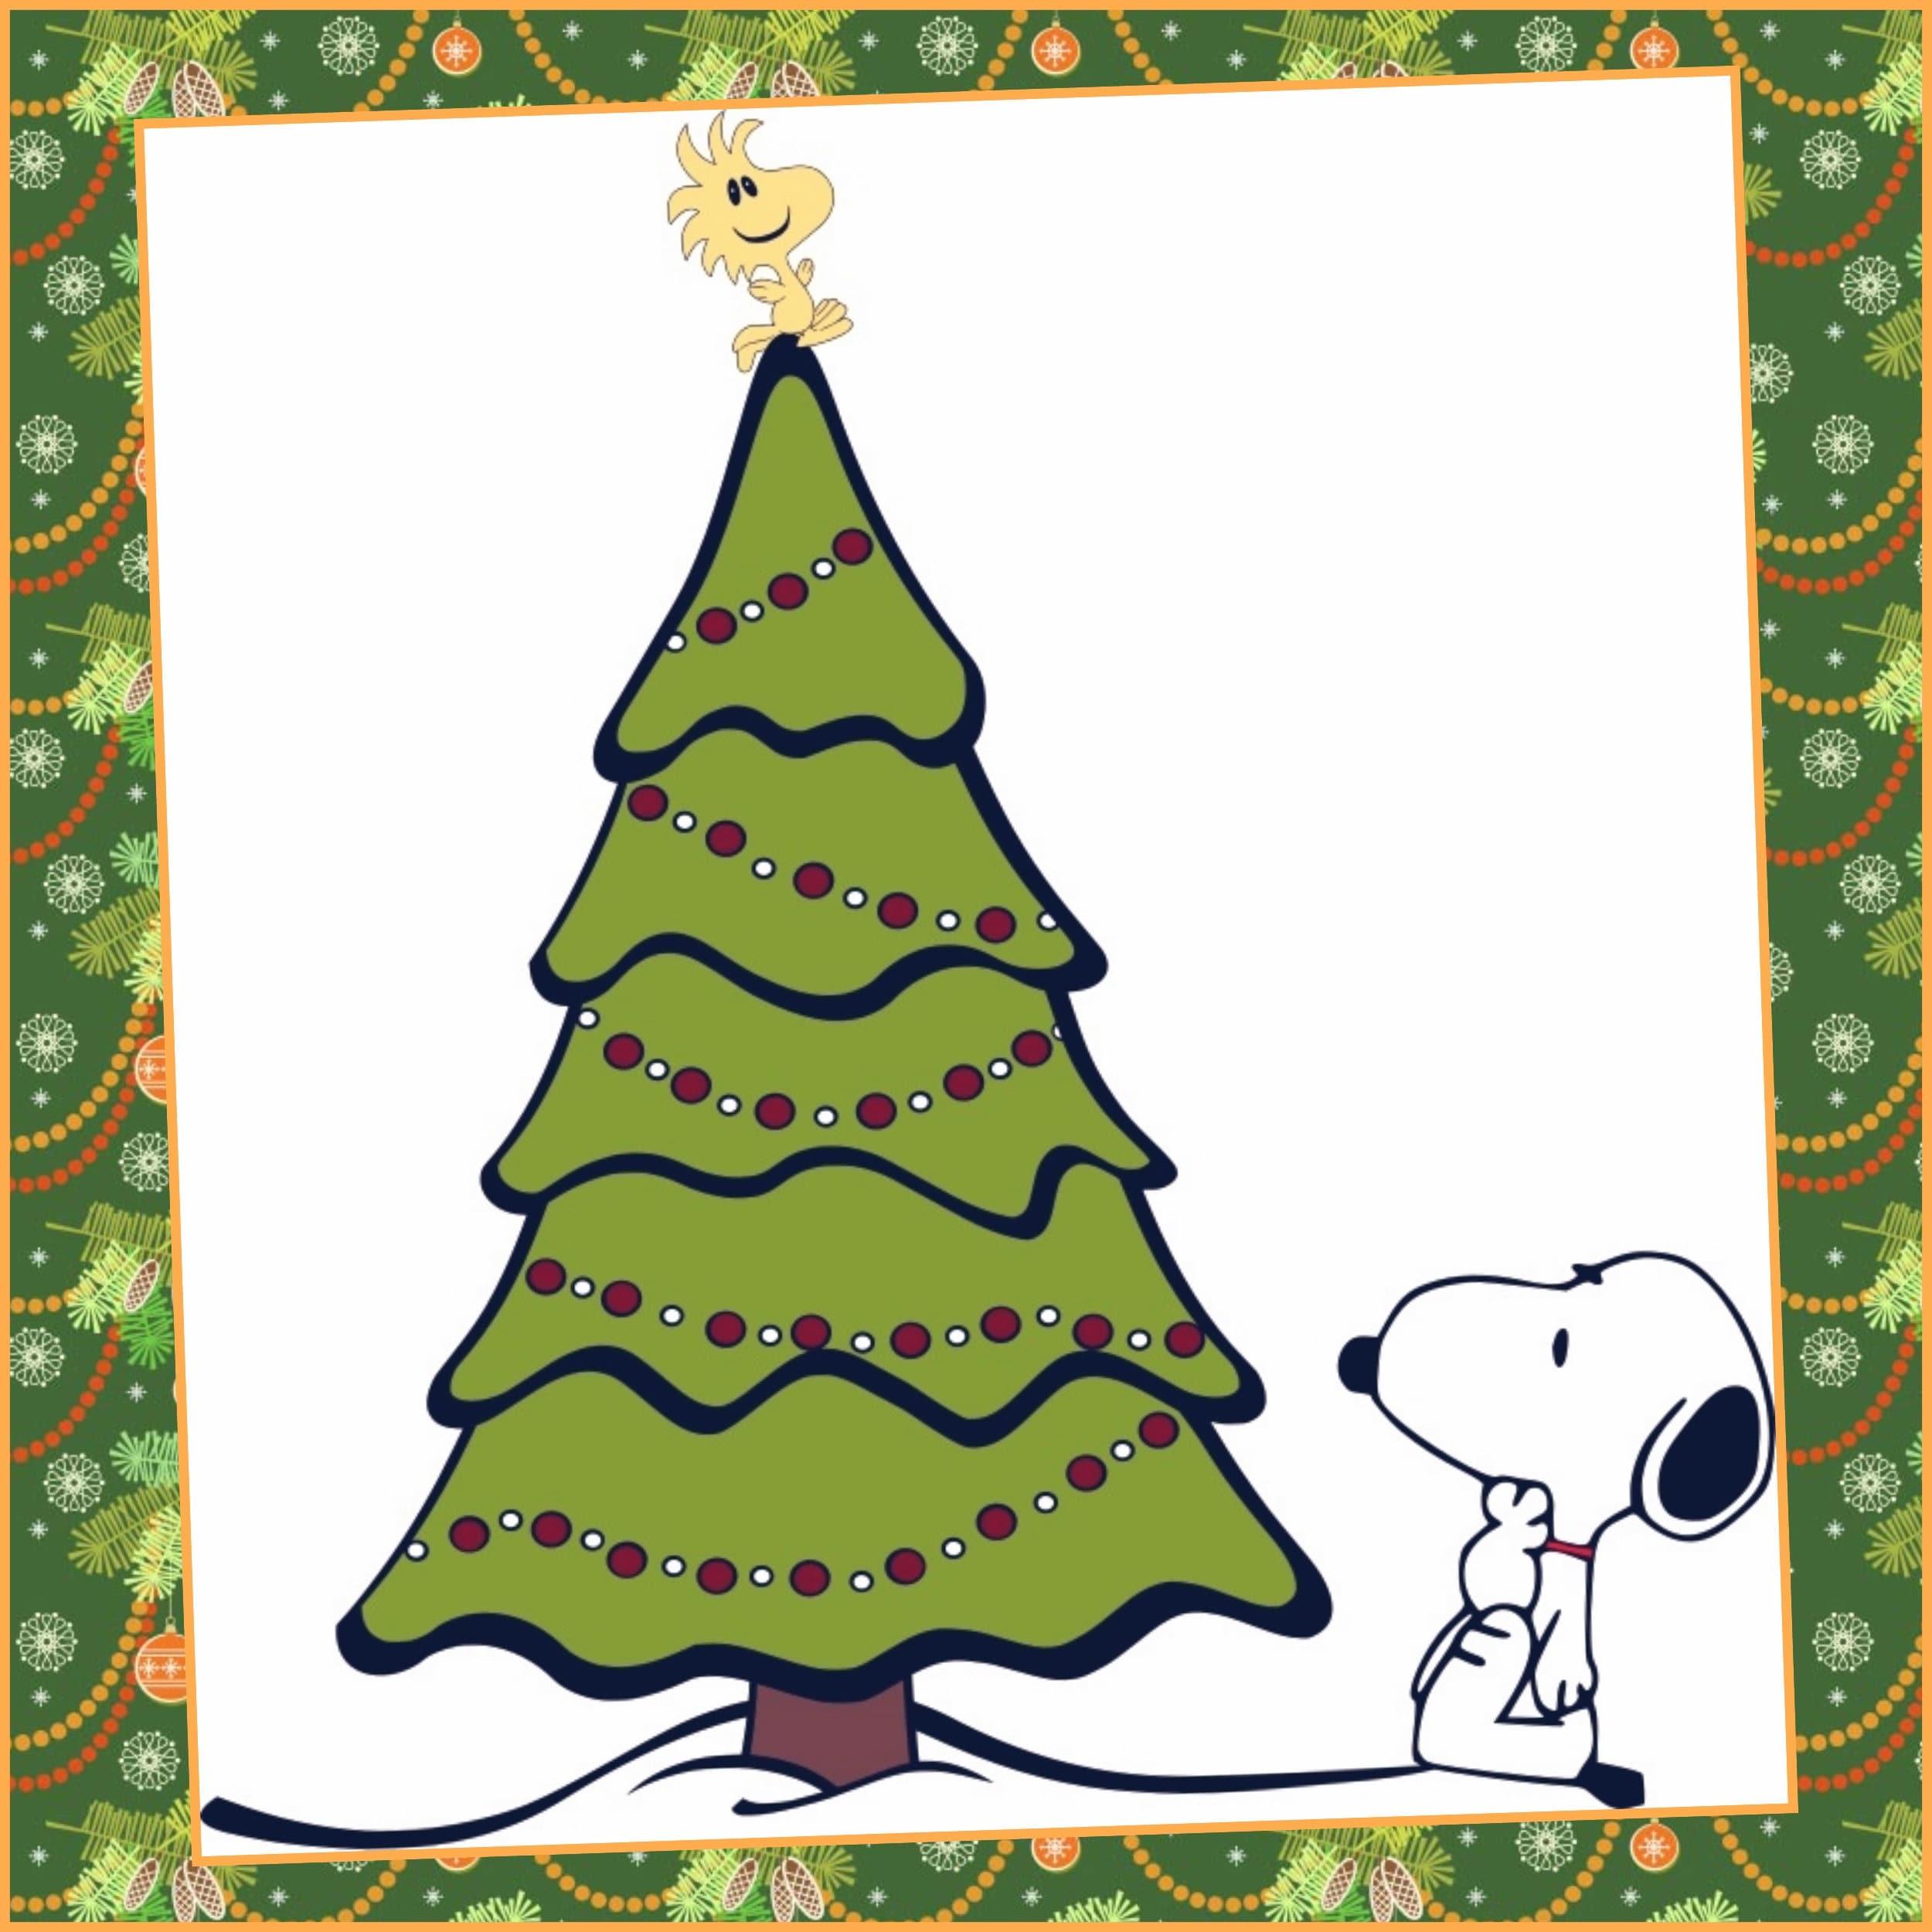 Snoopy Design Datei Weihnachten Snoopy Design-Dateien | Etsy